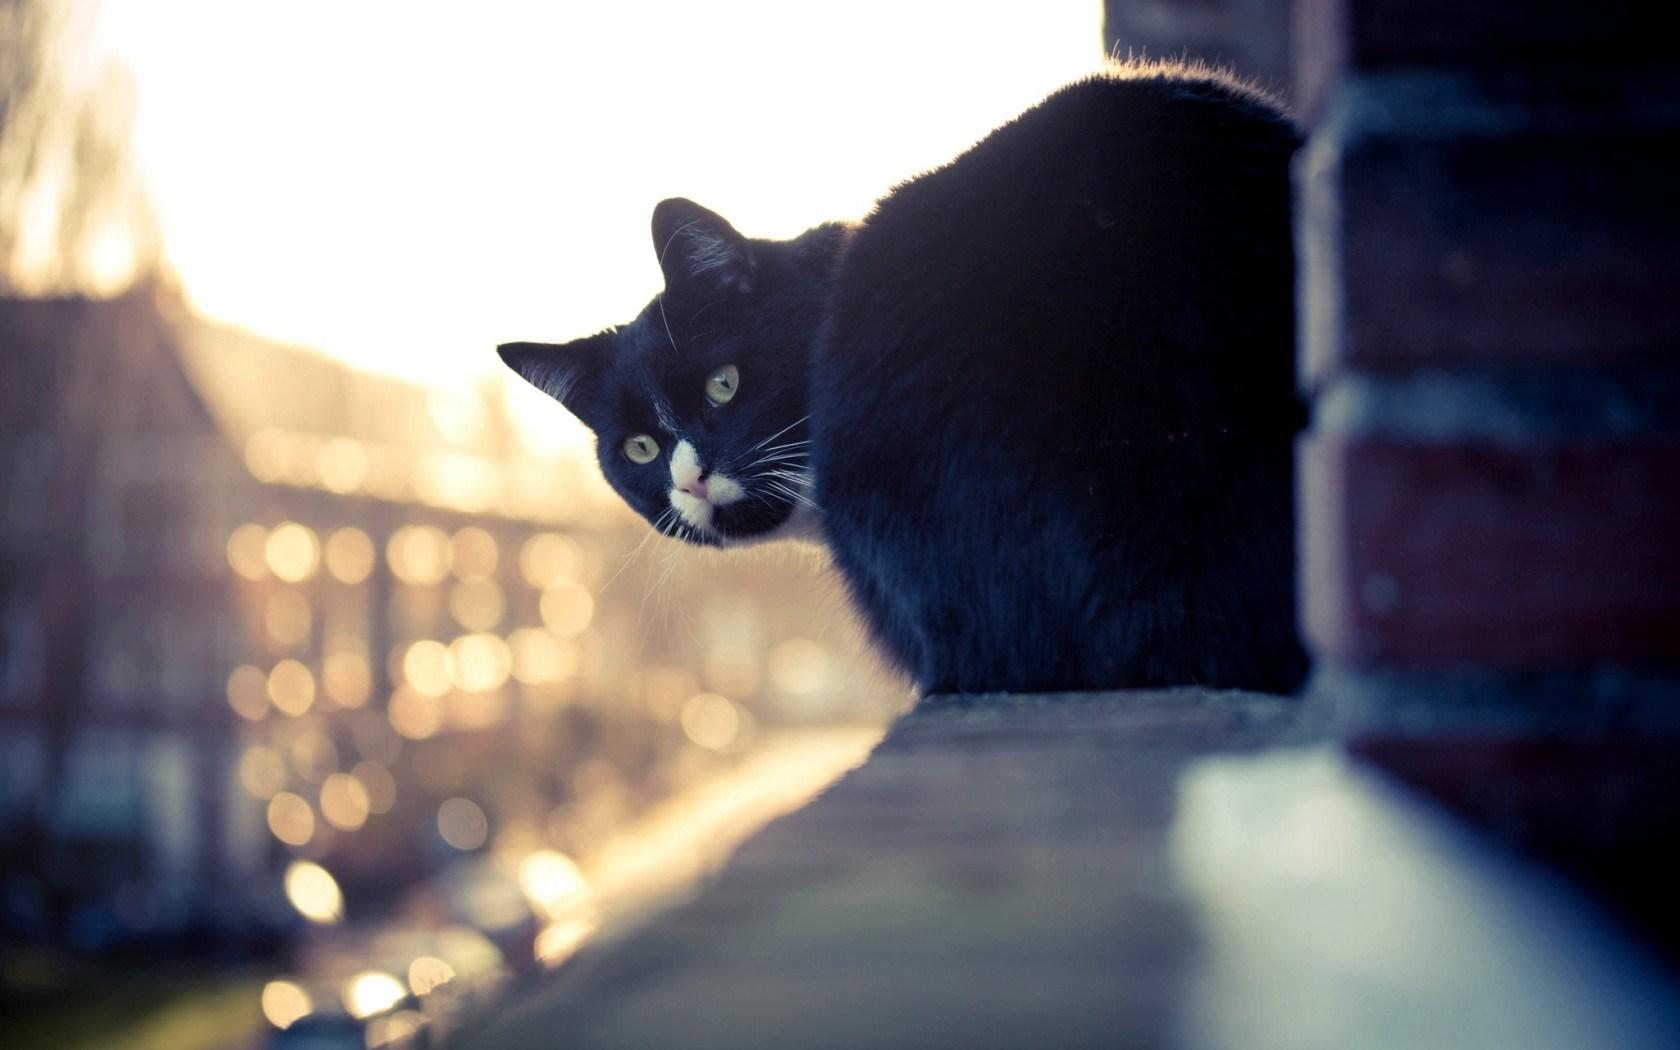 cat city wallpaper 44109 1680x1050 px ~ hdwallsource